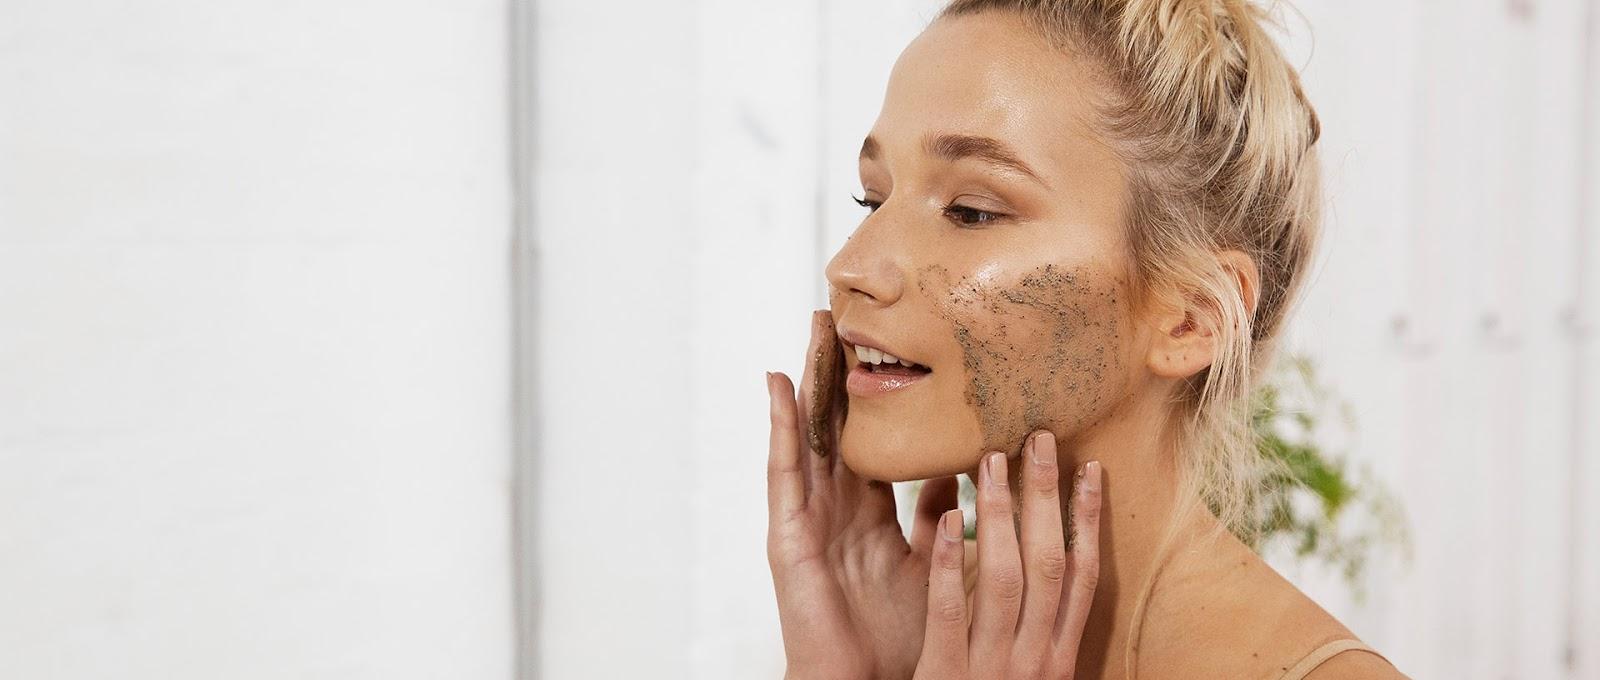 Facial care process